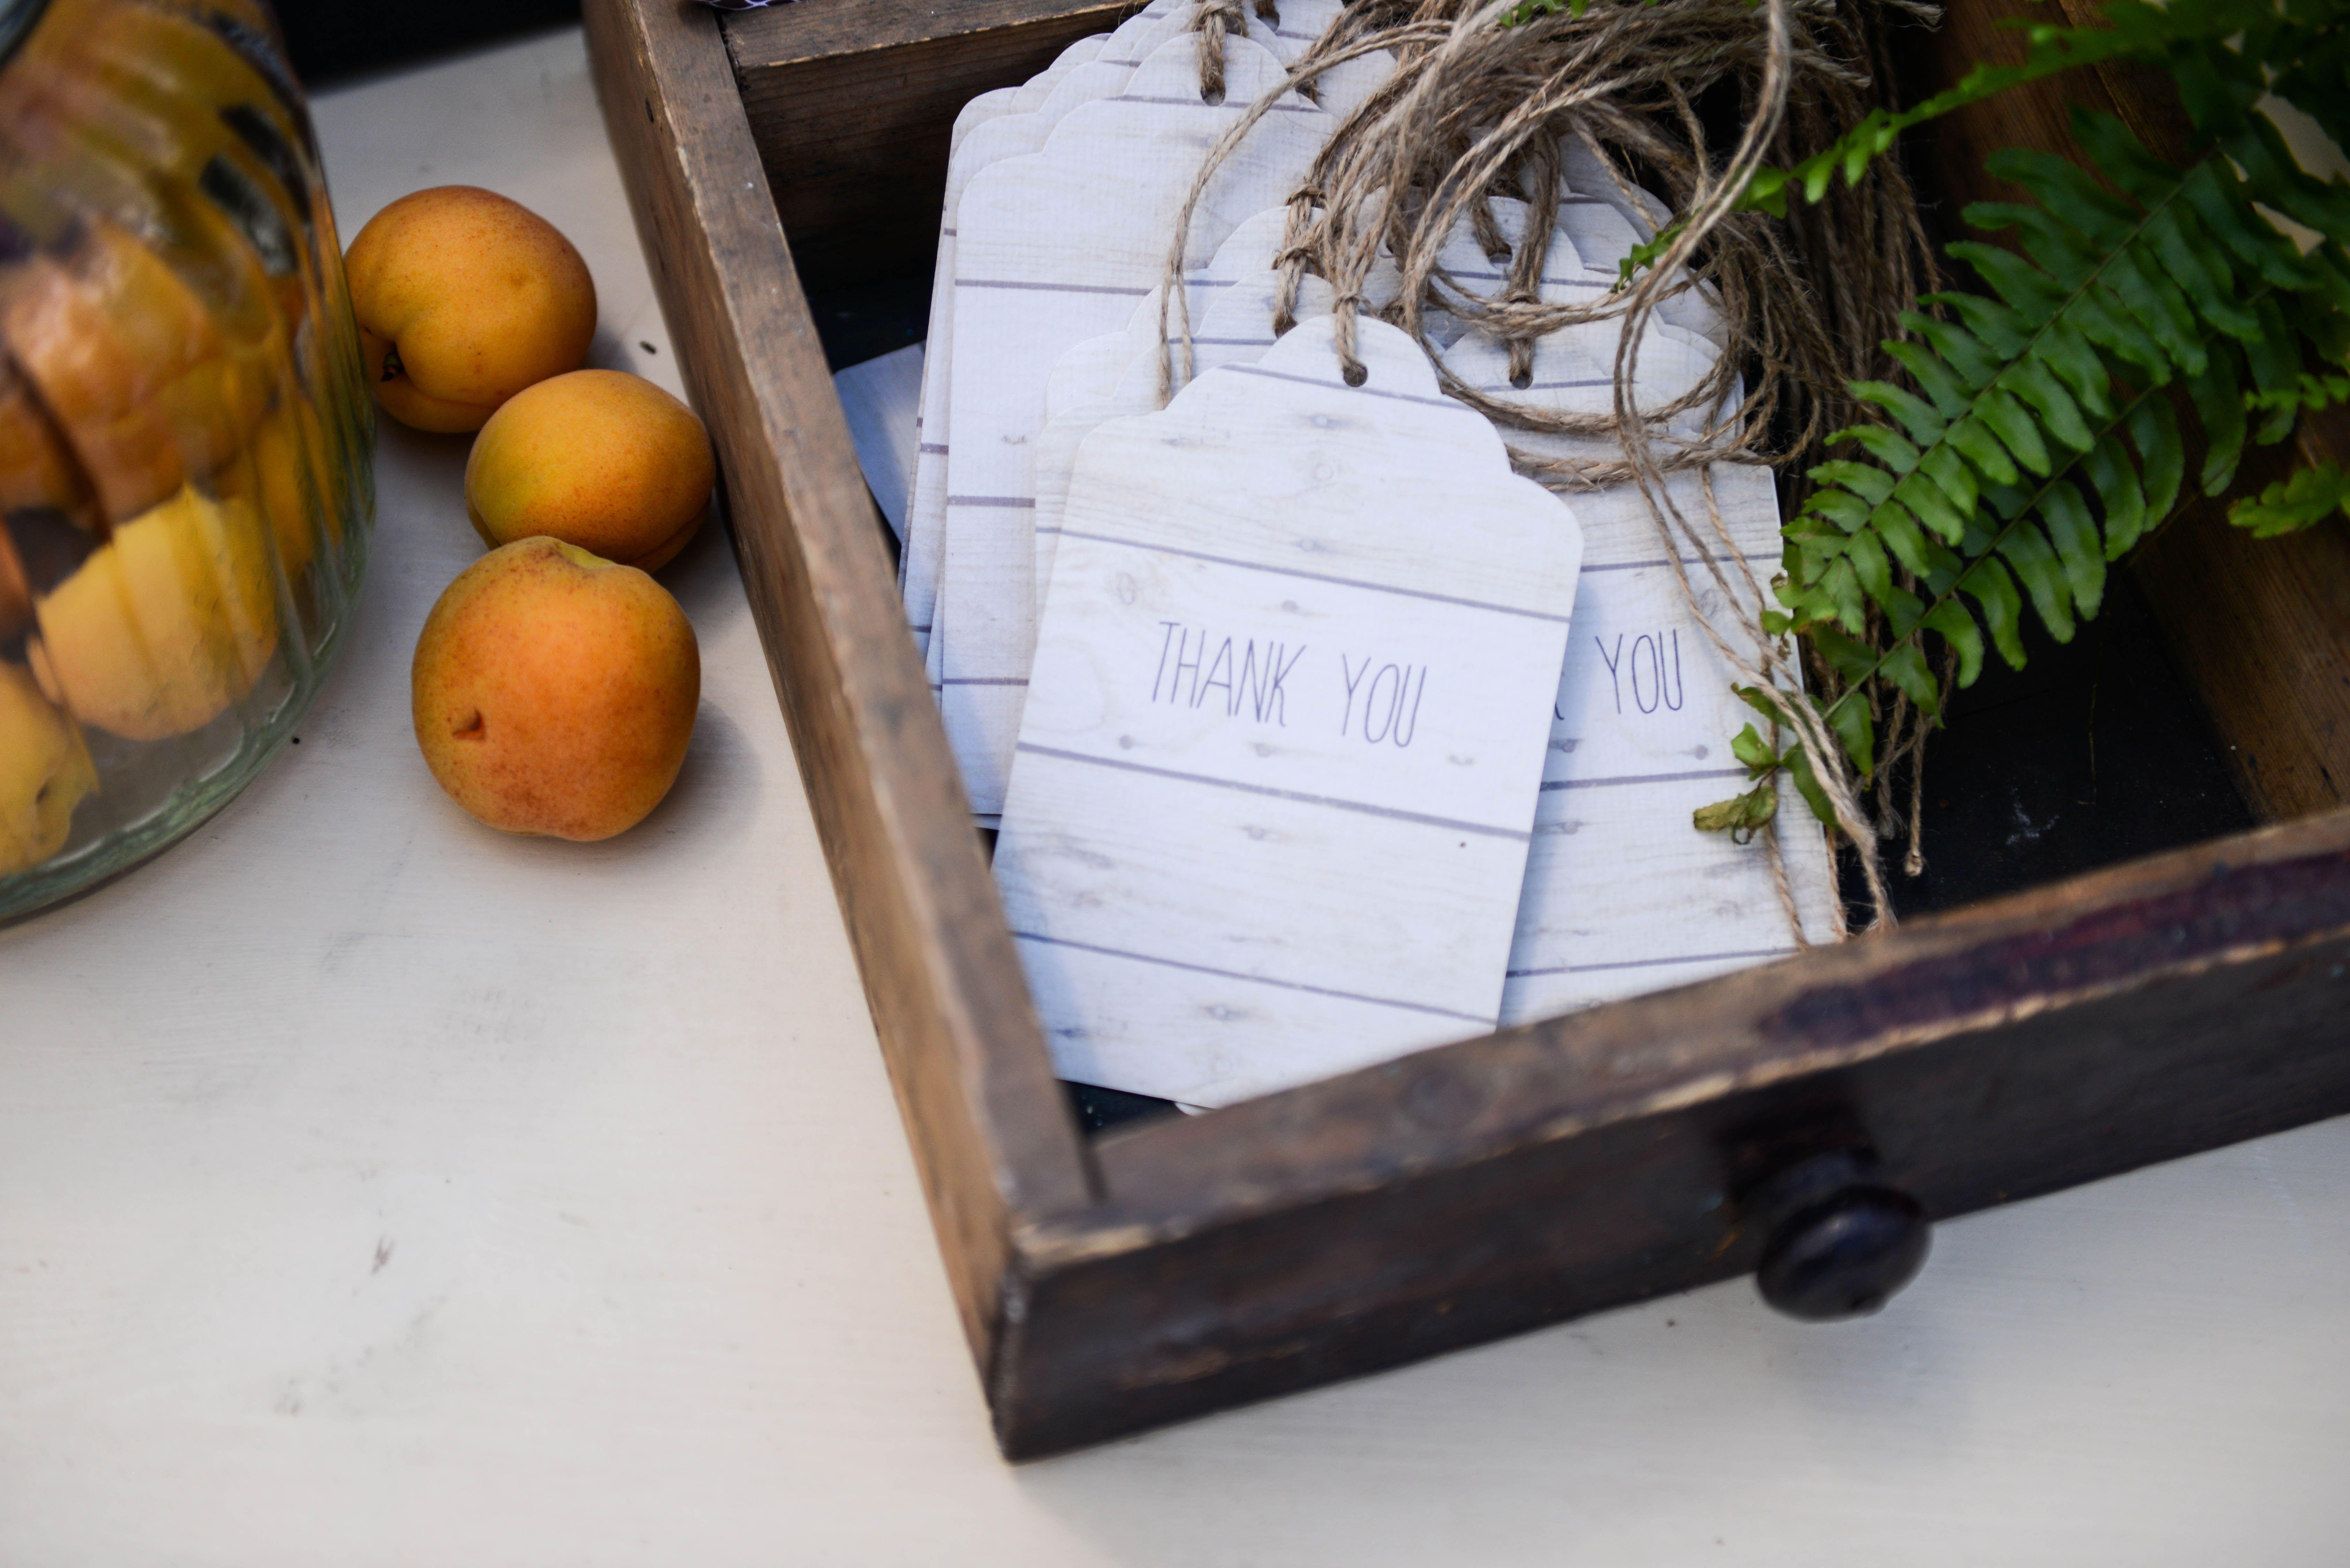 wedding decor, rustic decor,  fruit, box, fern, фрукты, флористика, зелень, полиграфия, папоротник